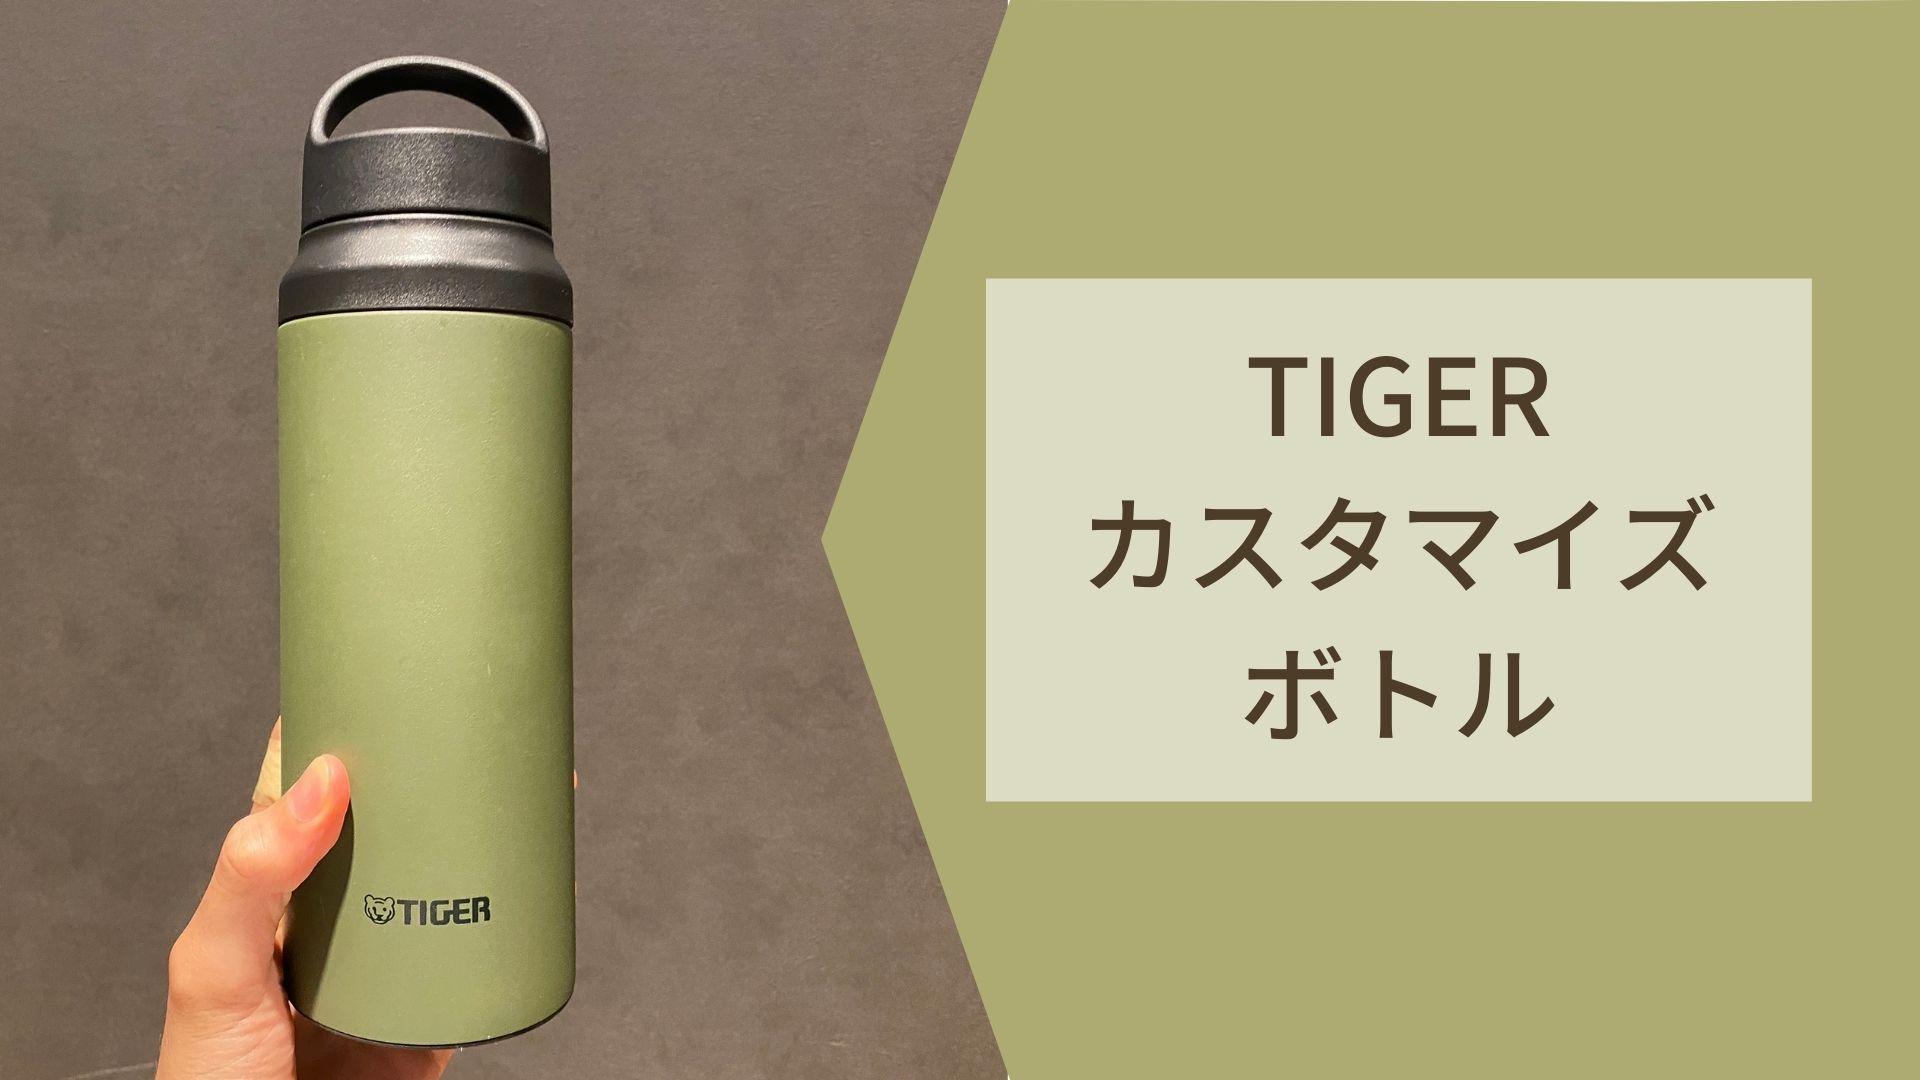 レビュー|タイガーカスタマイズボトルの人気の色や評判